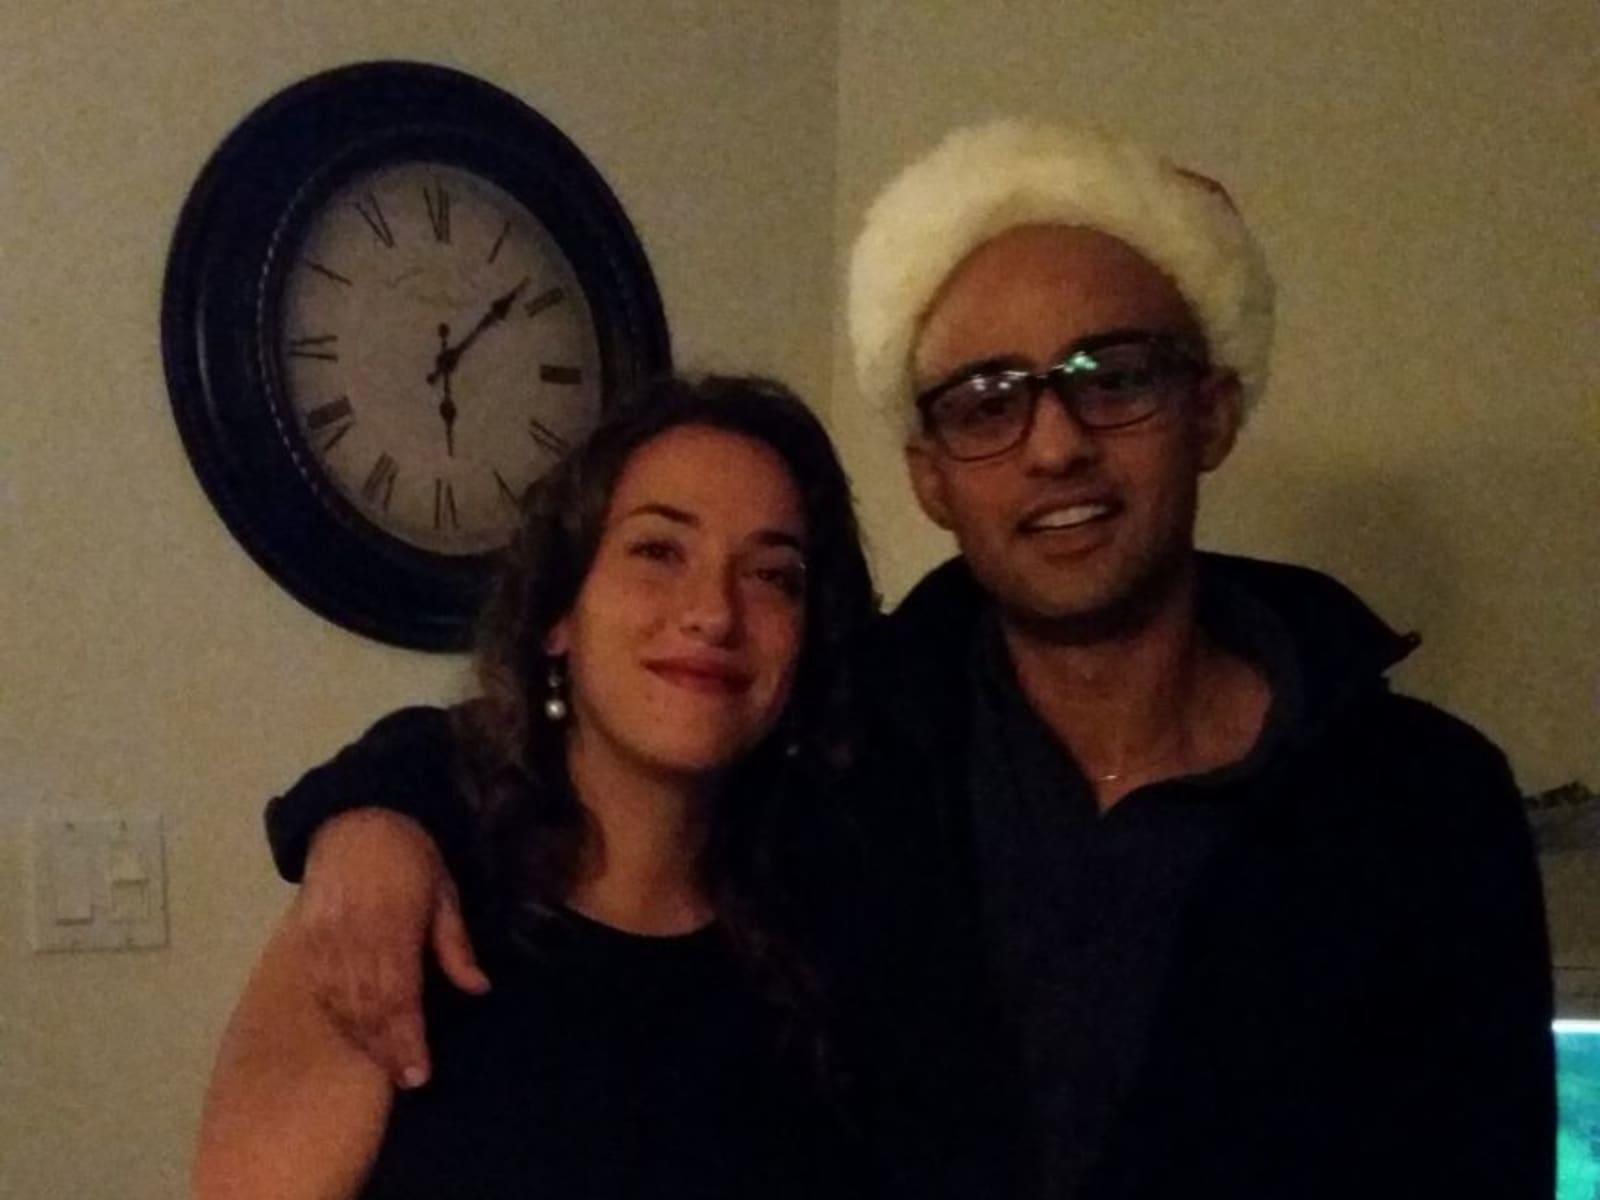 Shahyan & jasmine & Shahyan from Montréal, Quebec, Canada